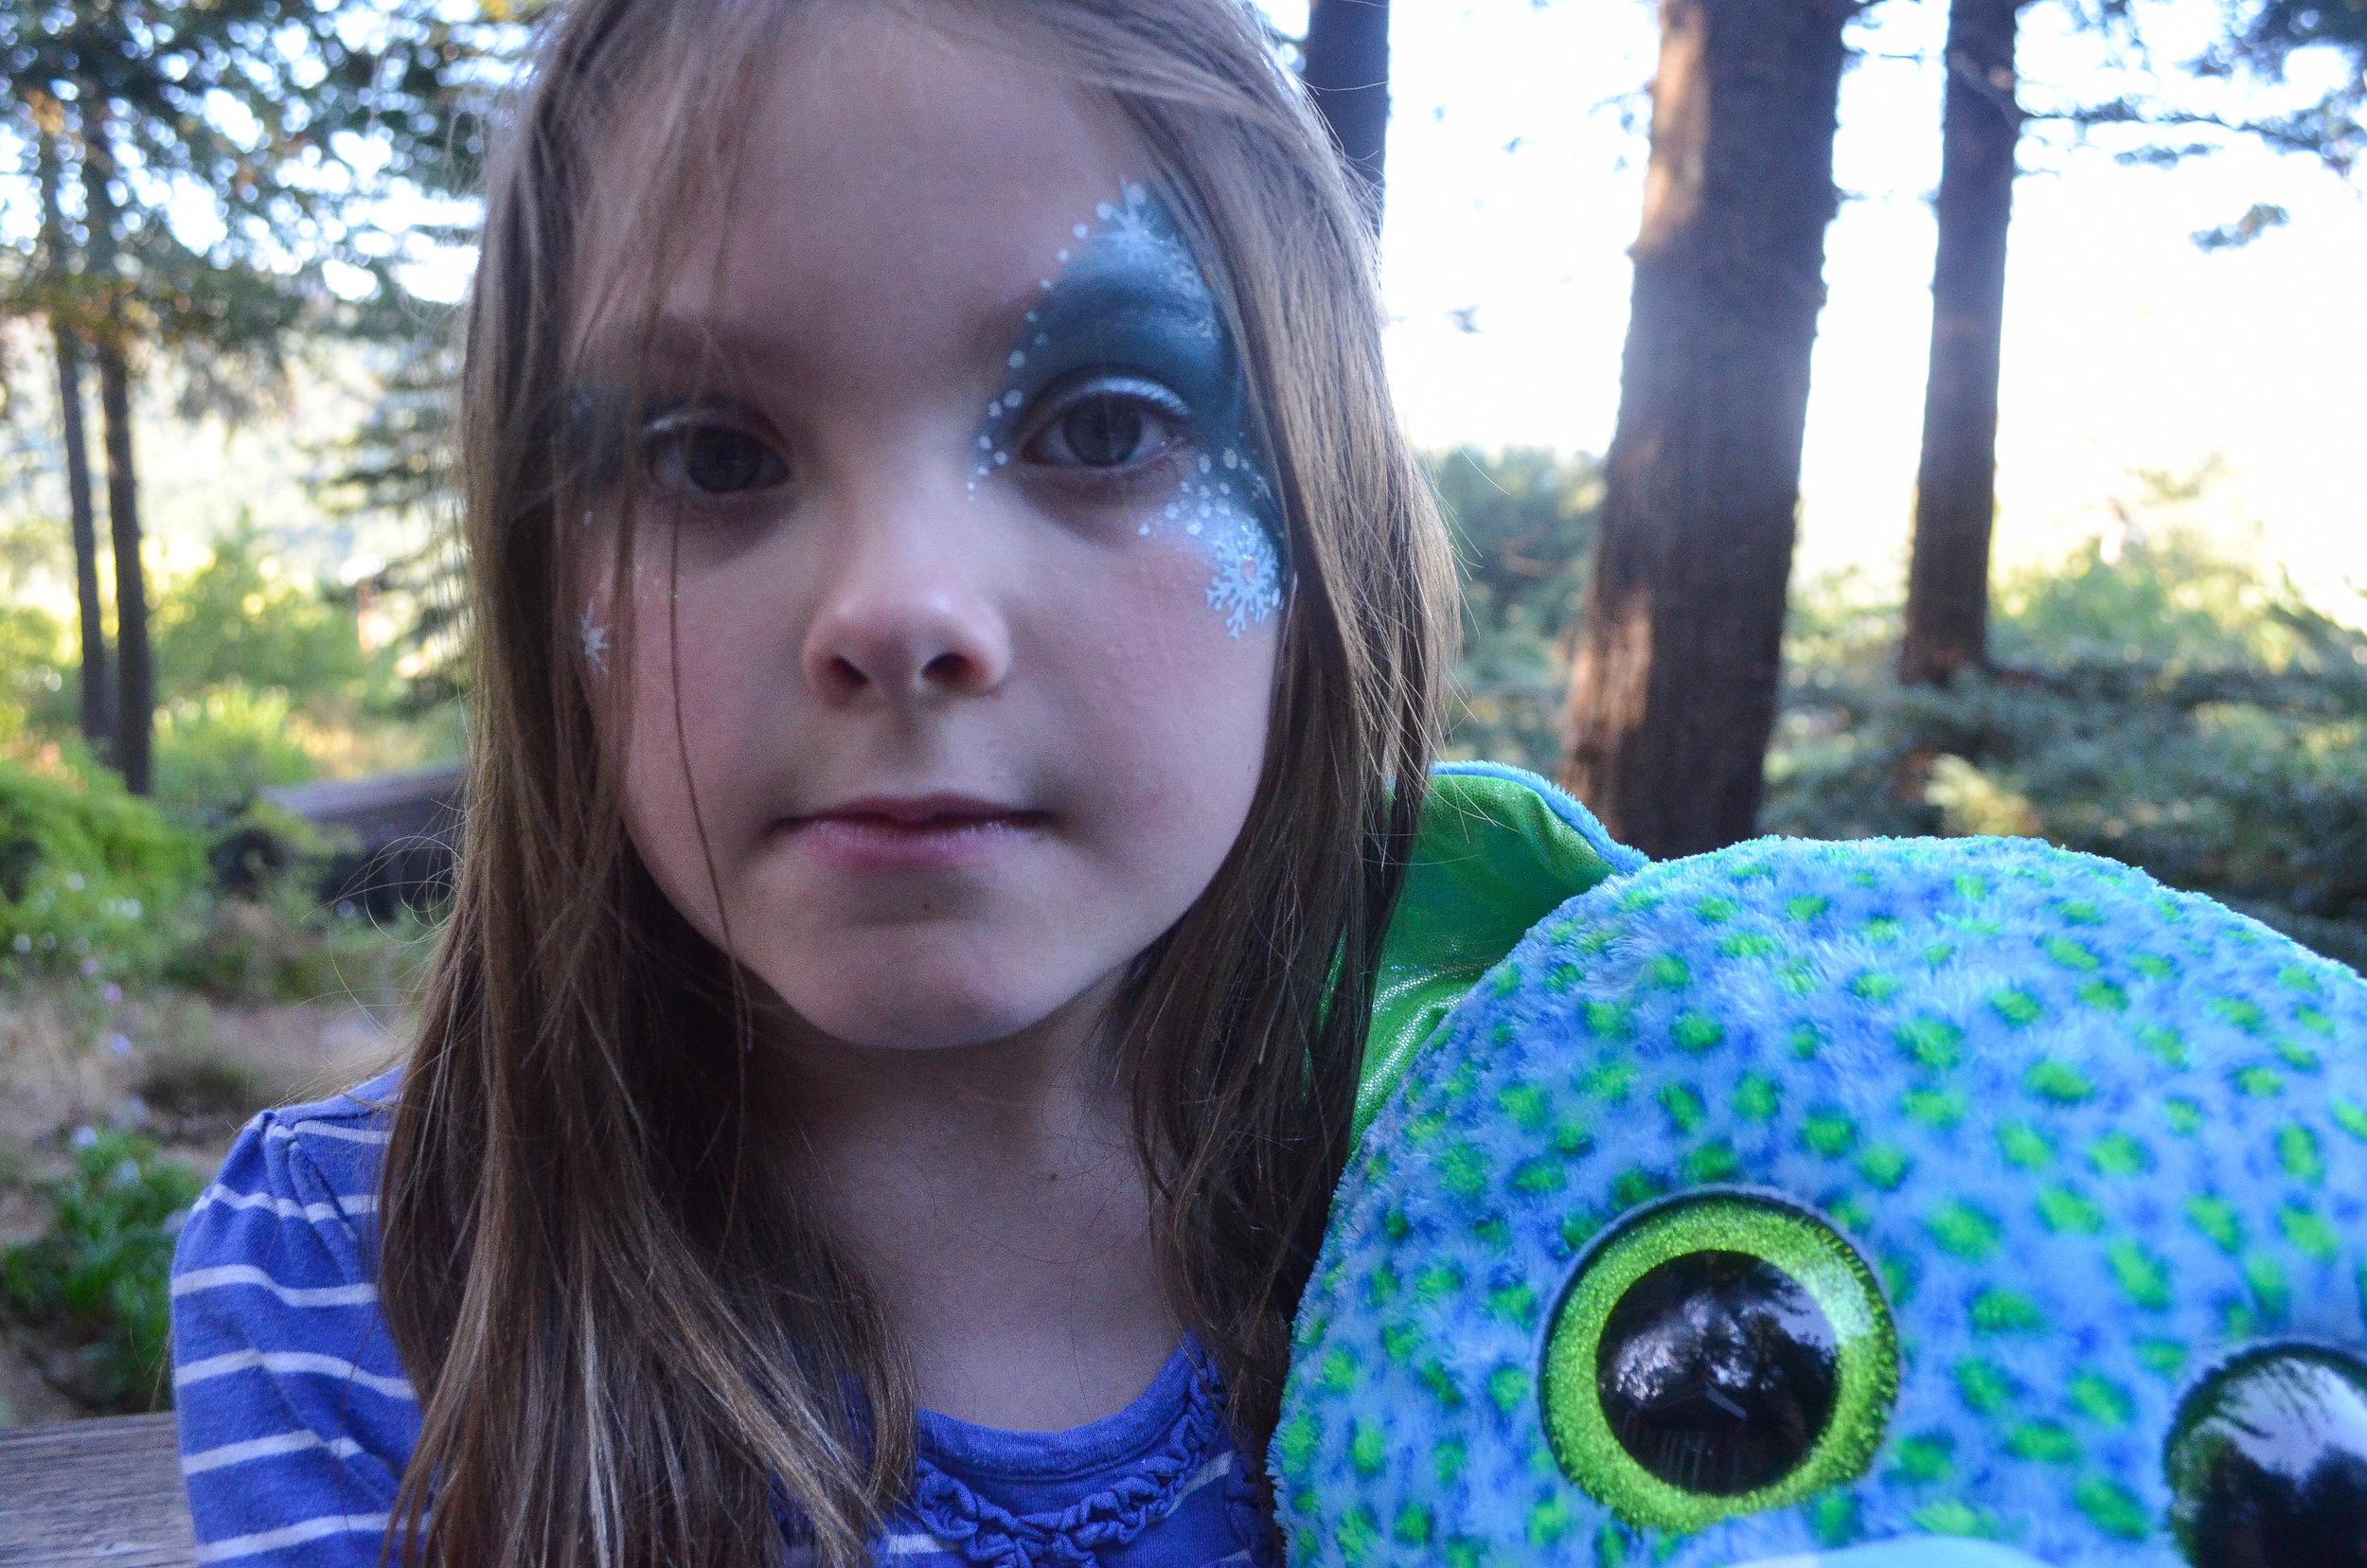 17-Polly-green-eye-2-8198.jpg